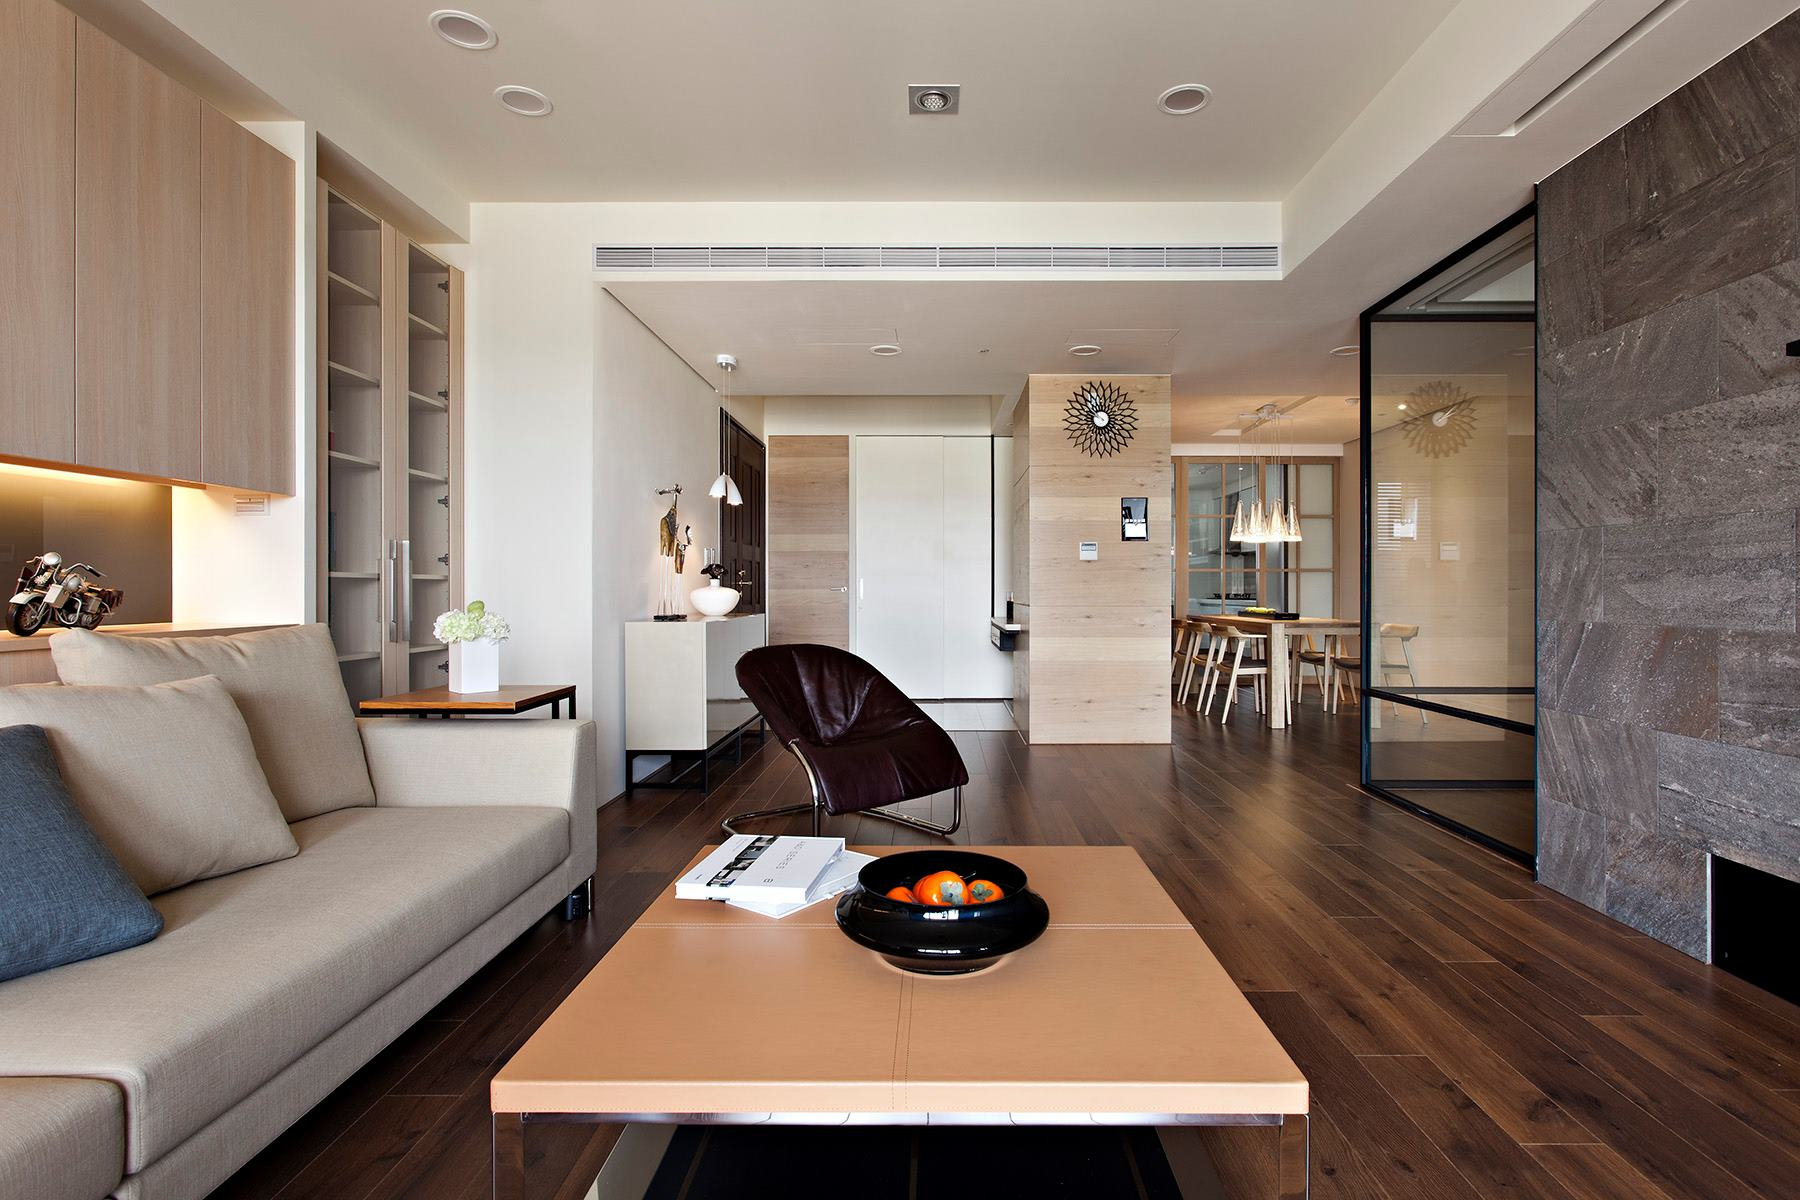 Фото дизайна интерьеров квартир. Дизайн-проекты квартир ...